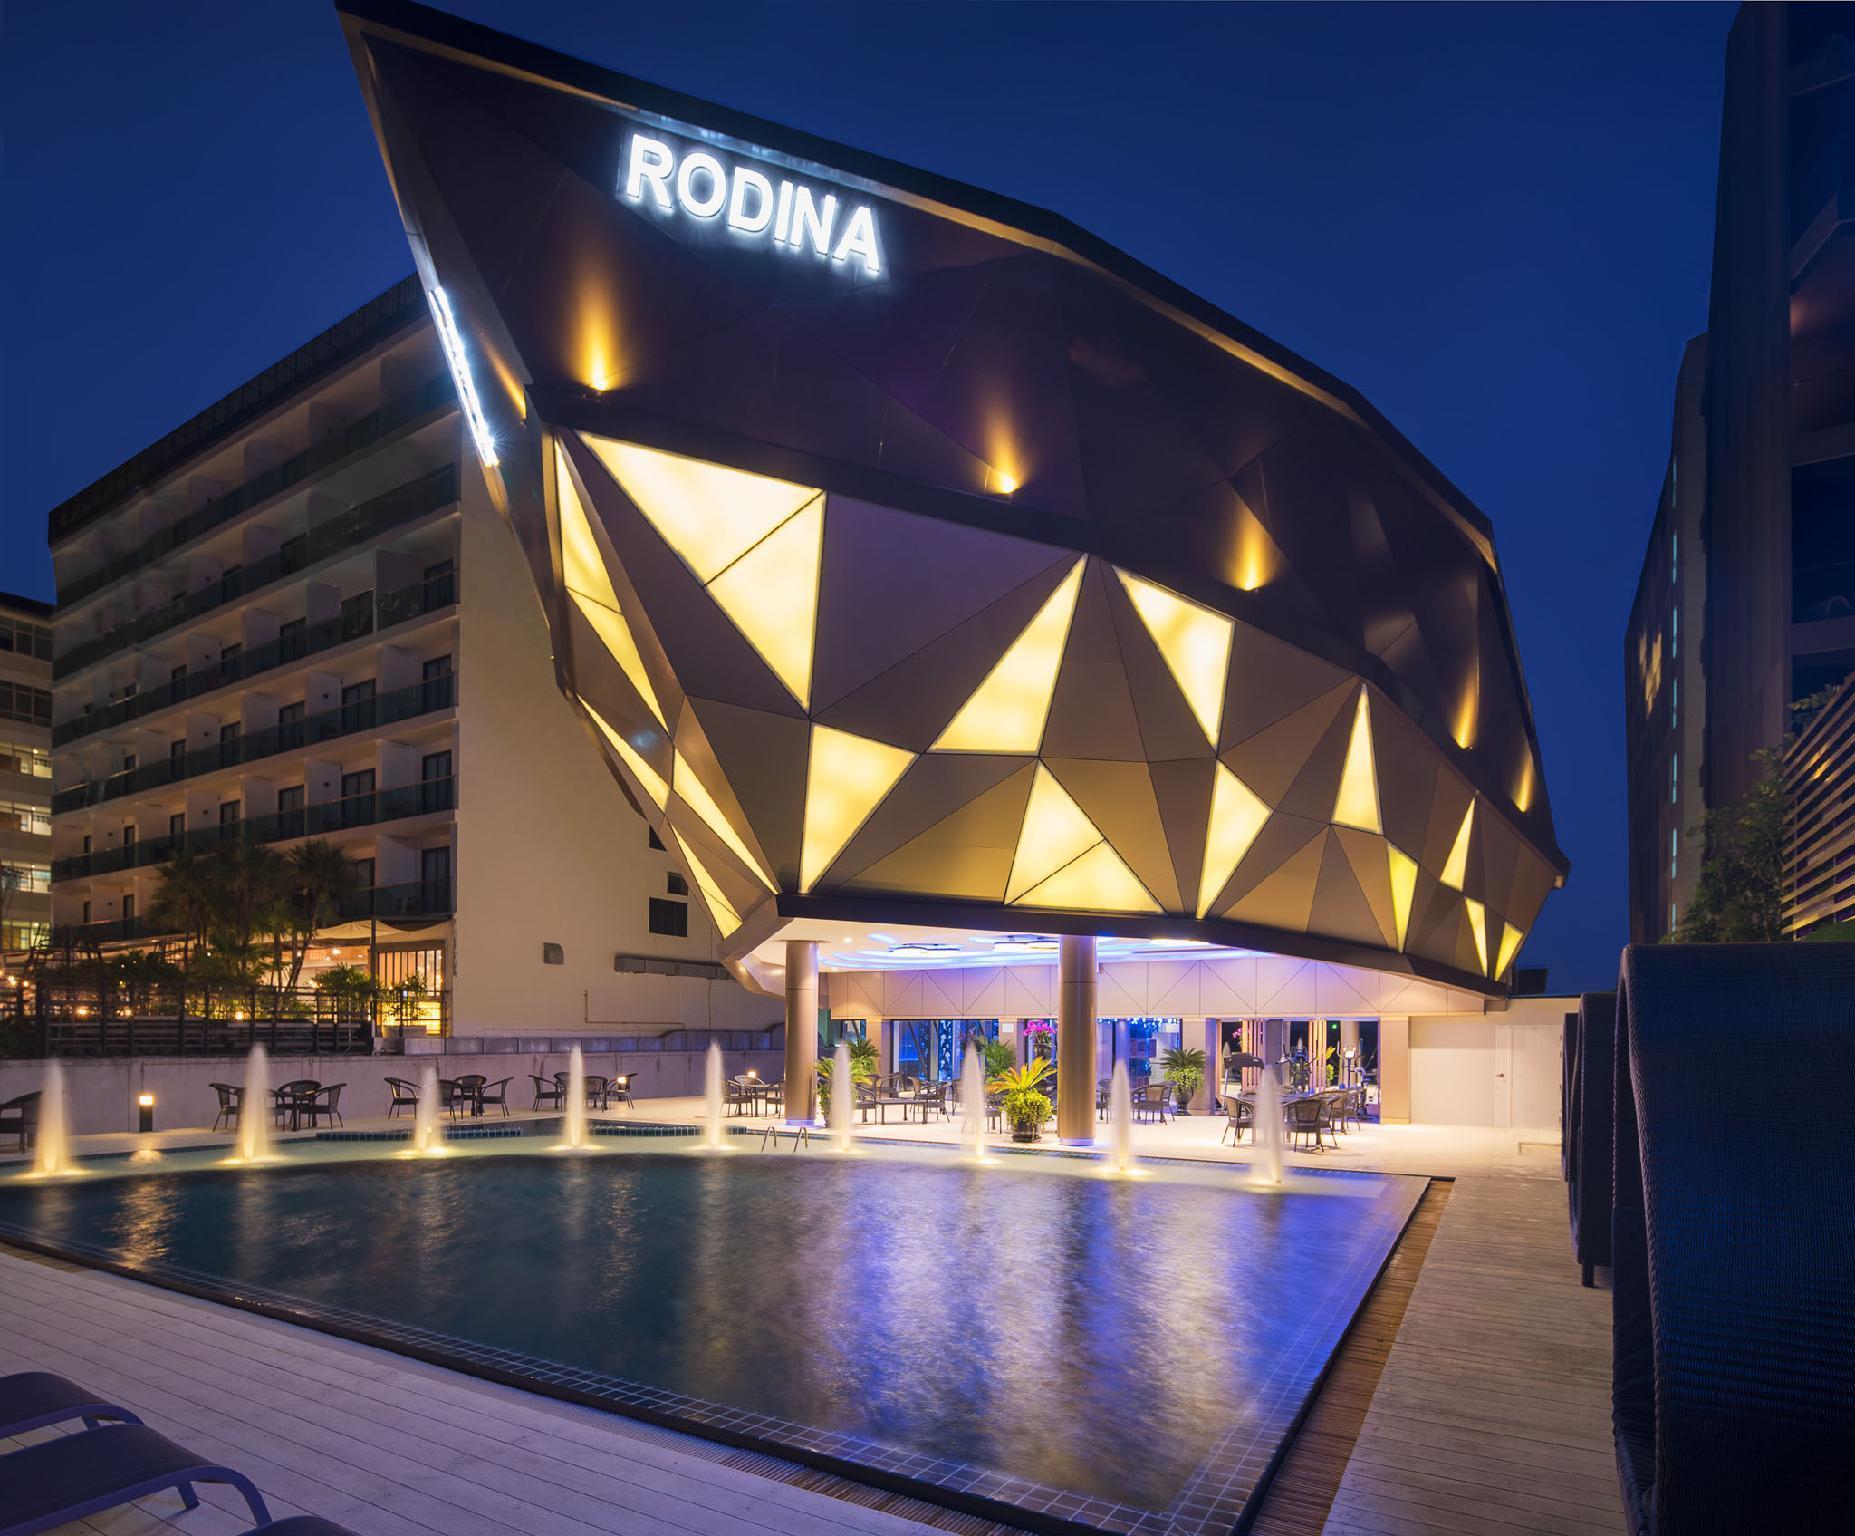 Rodina Beach Hotel โรงแรมรอดีนา บีช